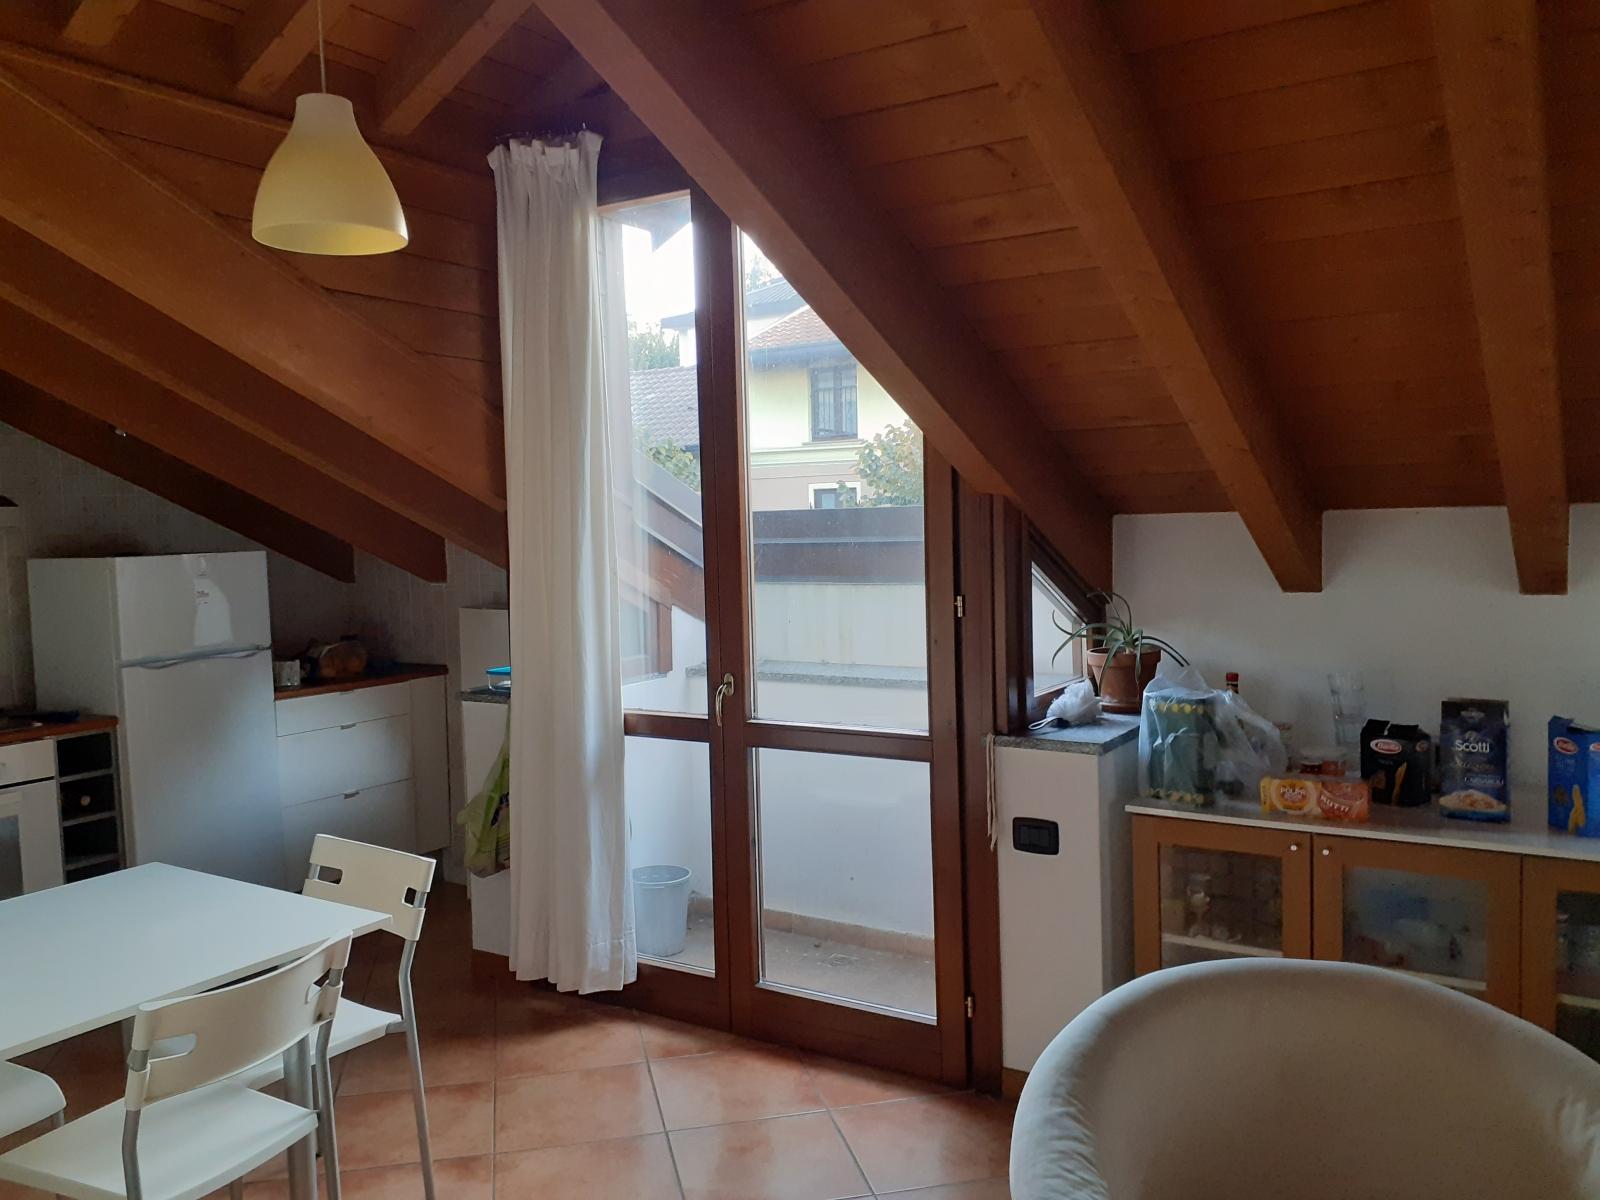 appartamento-in-vendita-a-rho-mansarda-2-3-locali-spaziourbano-immobiliere-vende-13